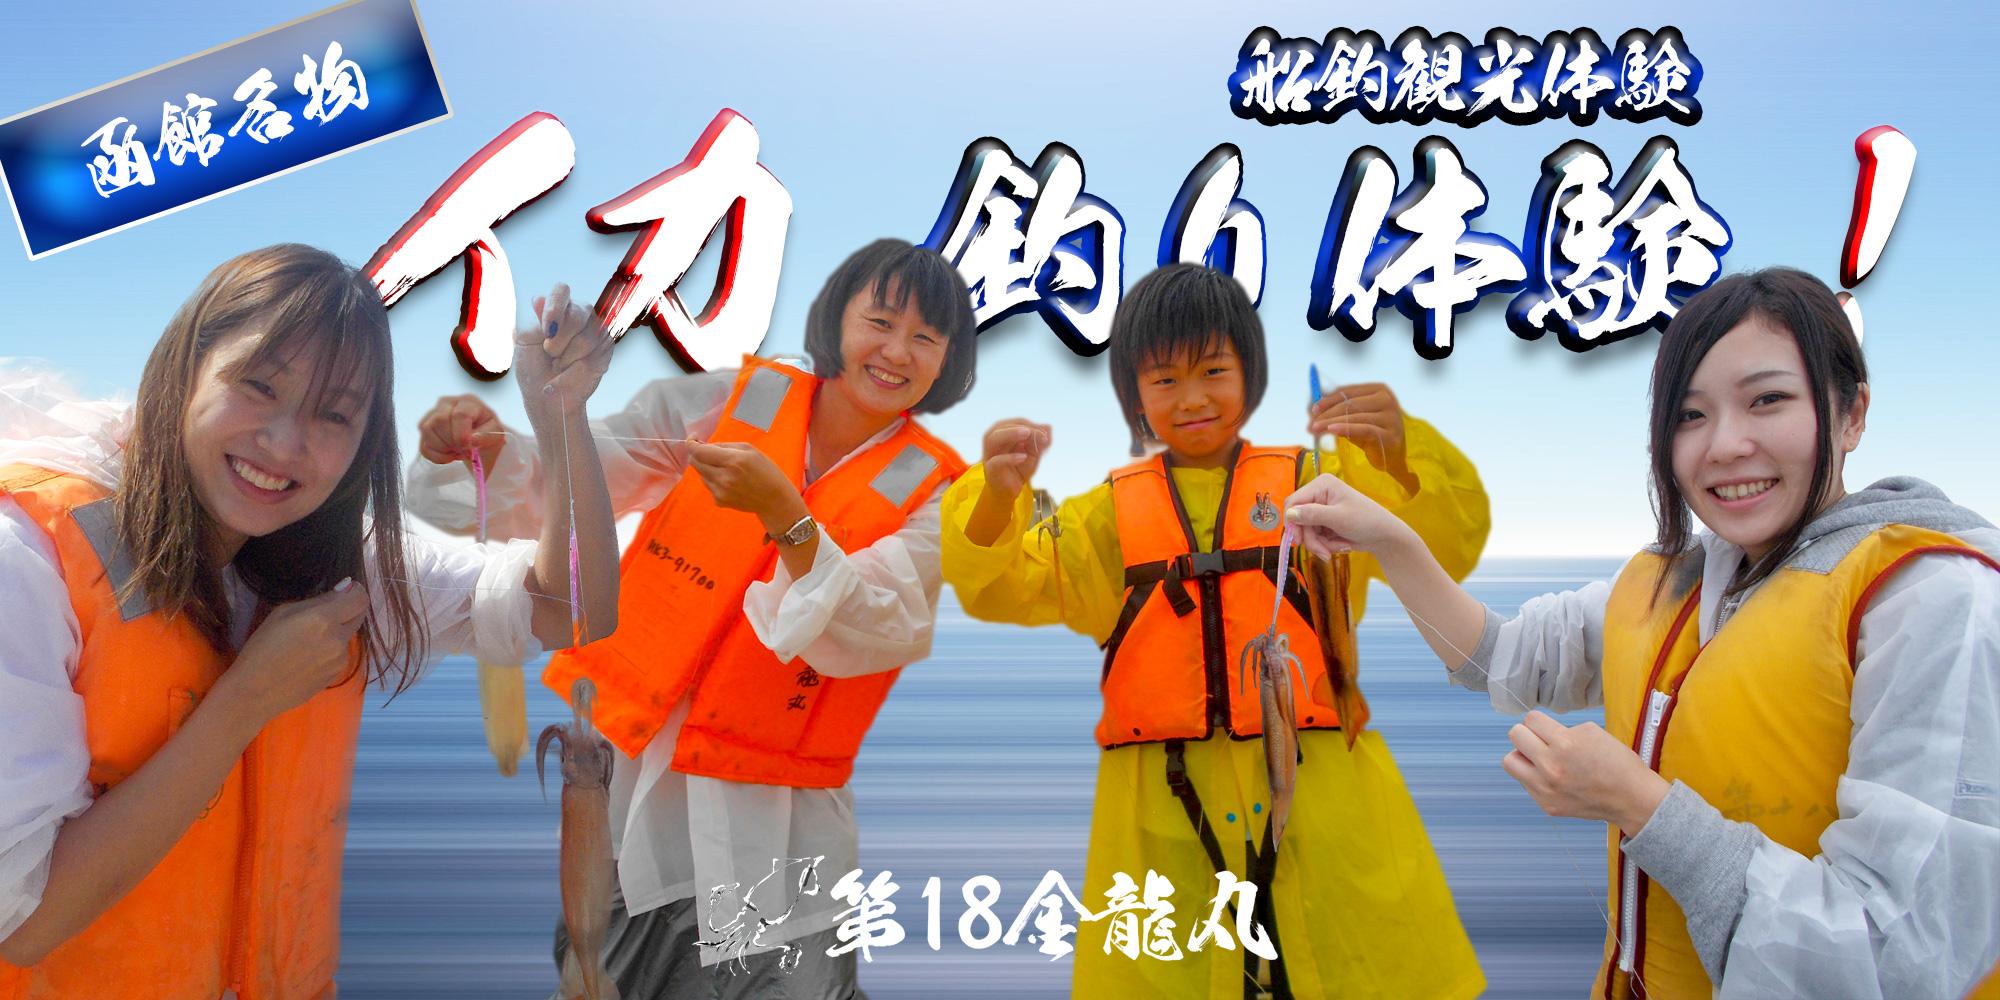 函館名物イカ釣り体験をしよう!